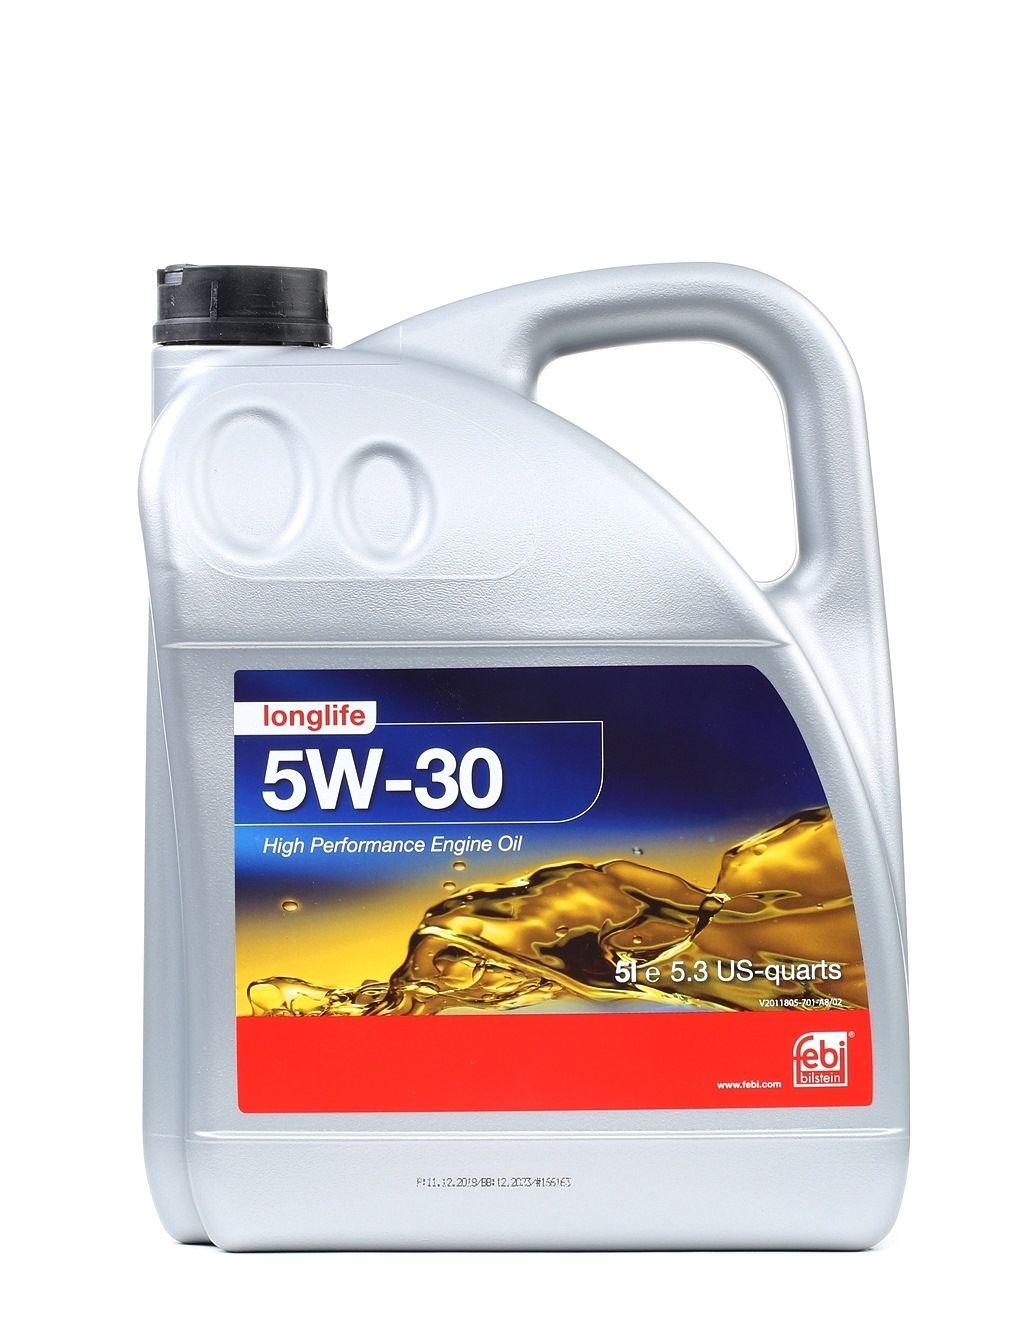 VW50501 FEBI BILSTEIN 5W-30, 5l Motoröl 32943 günstig kaufen